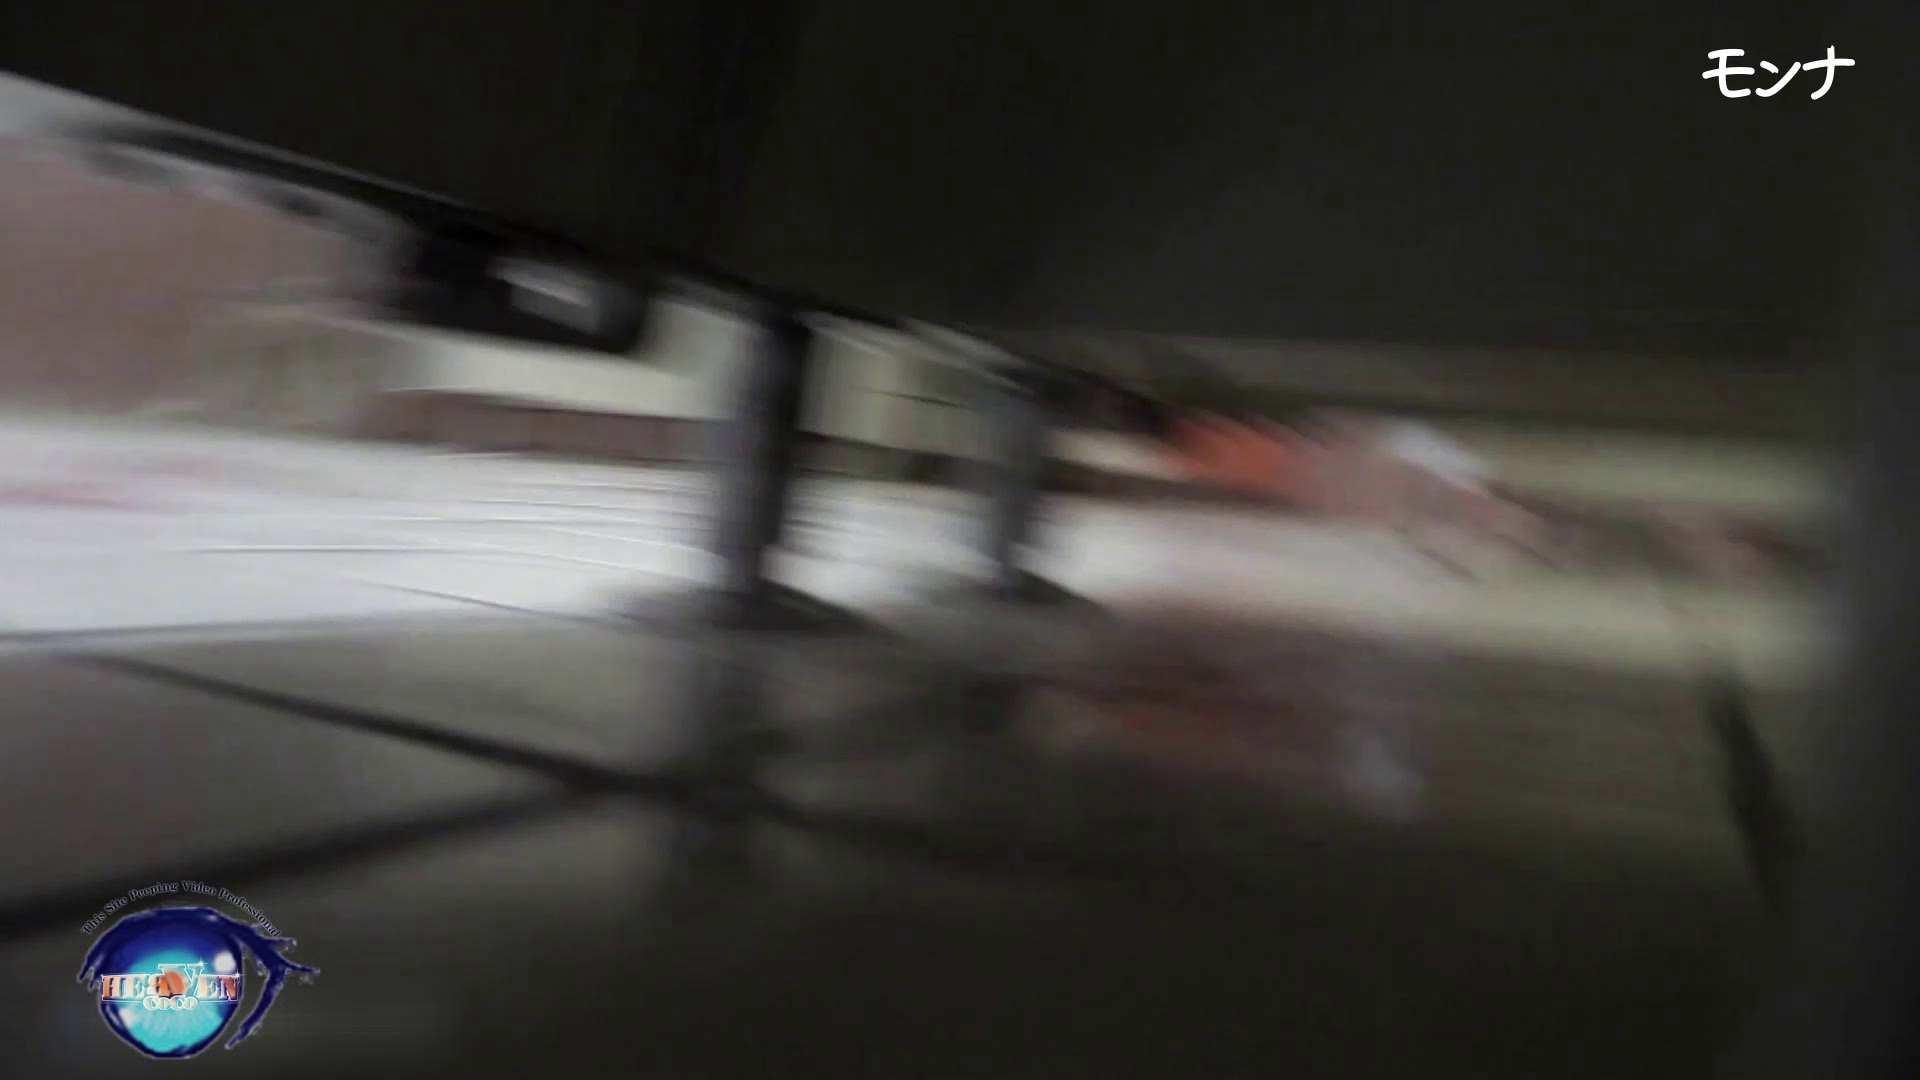 【美しい日本の未来】美しい日本の未来 No.75 たまらないくびれ 2 生え茂る 盗撮師作品  70pic 5